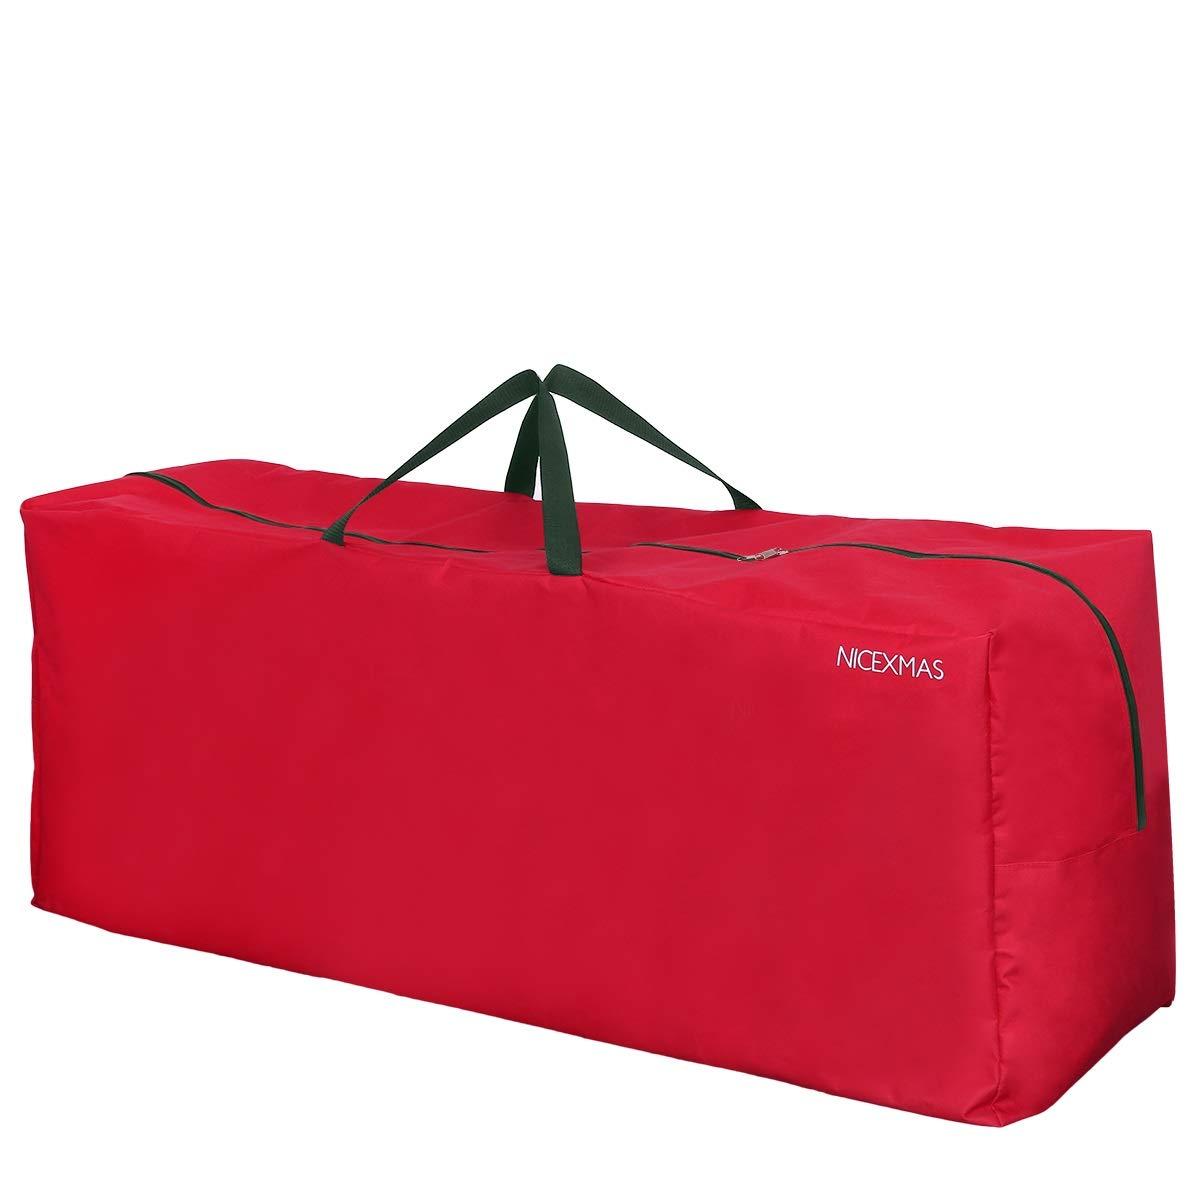 NICEXMAS - Bolsa de almacenamiento para árbol de Navidad, Rojo, 135 x 38 x 54 cm: Amazon.es: Hogar